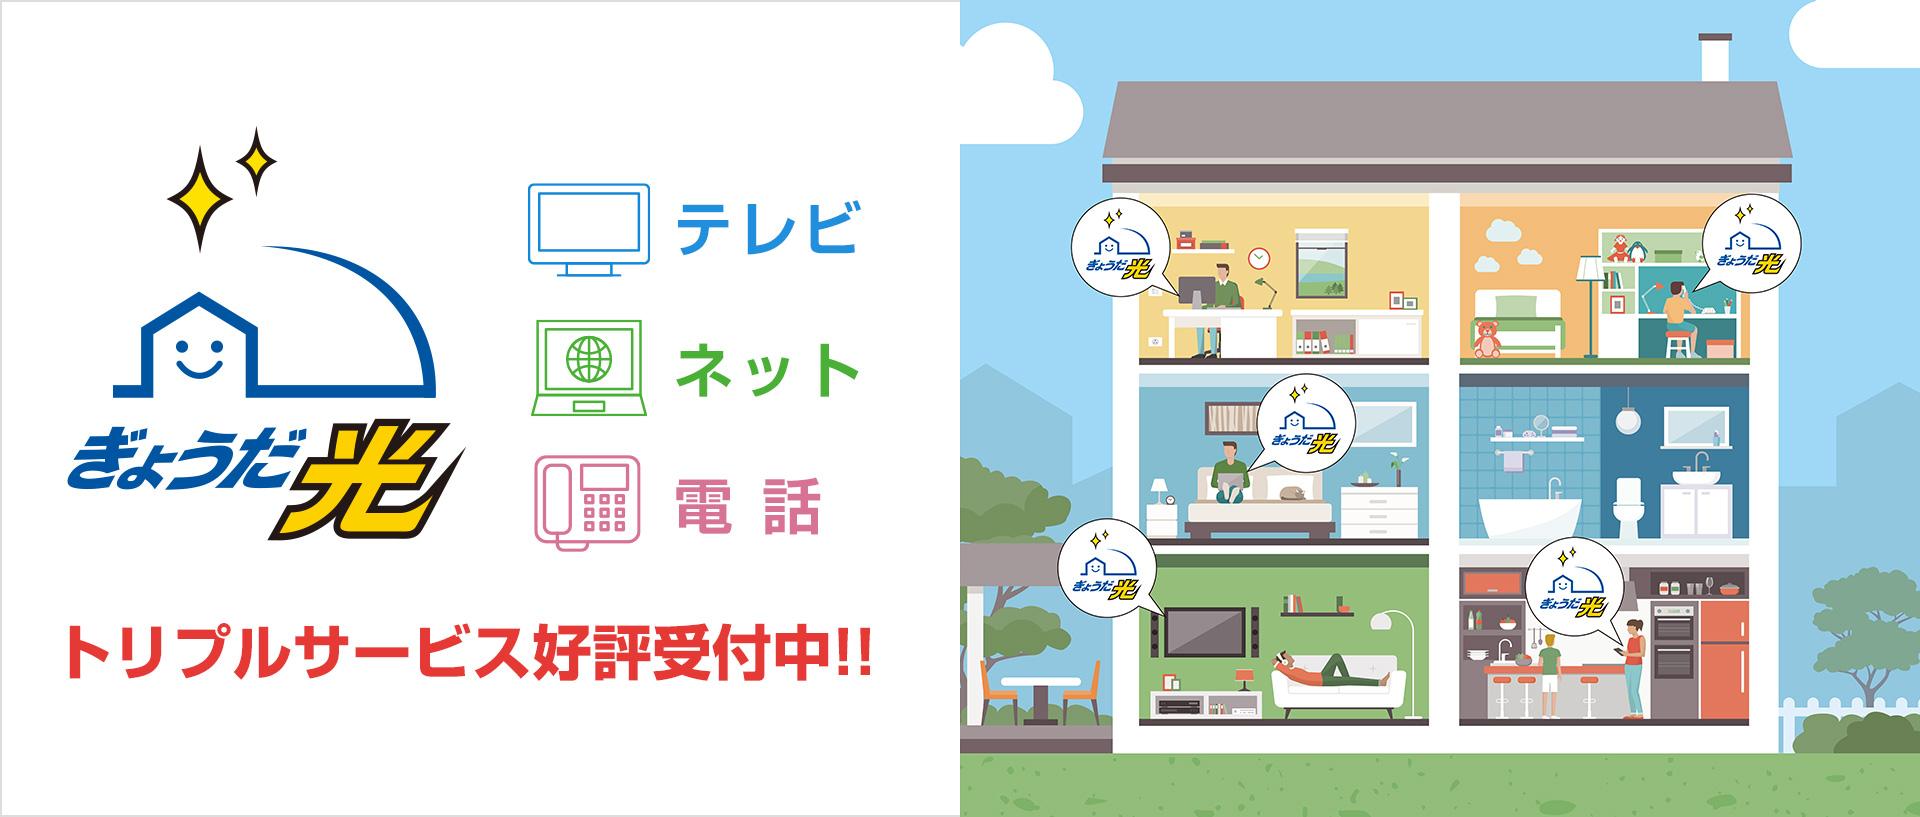 ぎょうだ光 テレビ・ネット・電話 トリプルサービス好評受付中!!